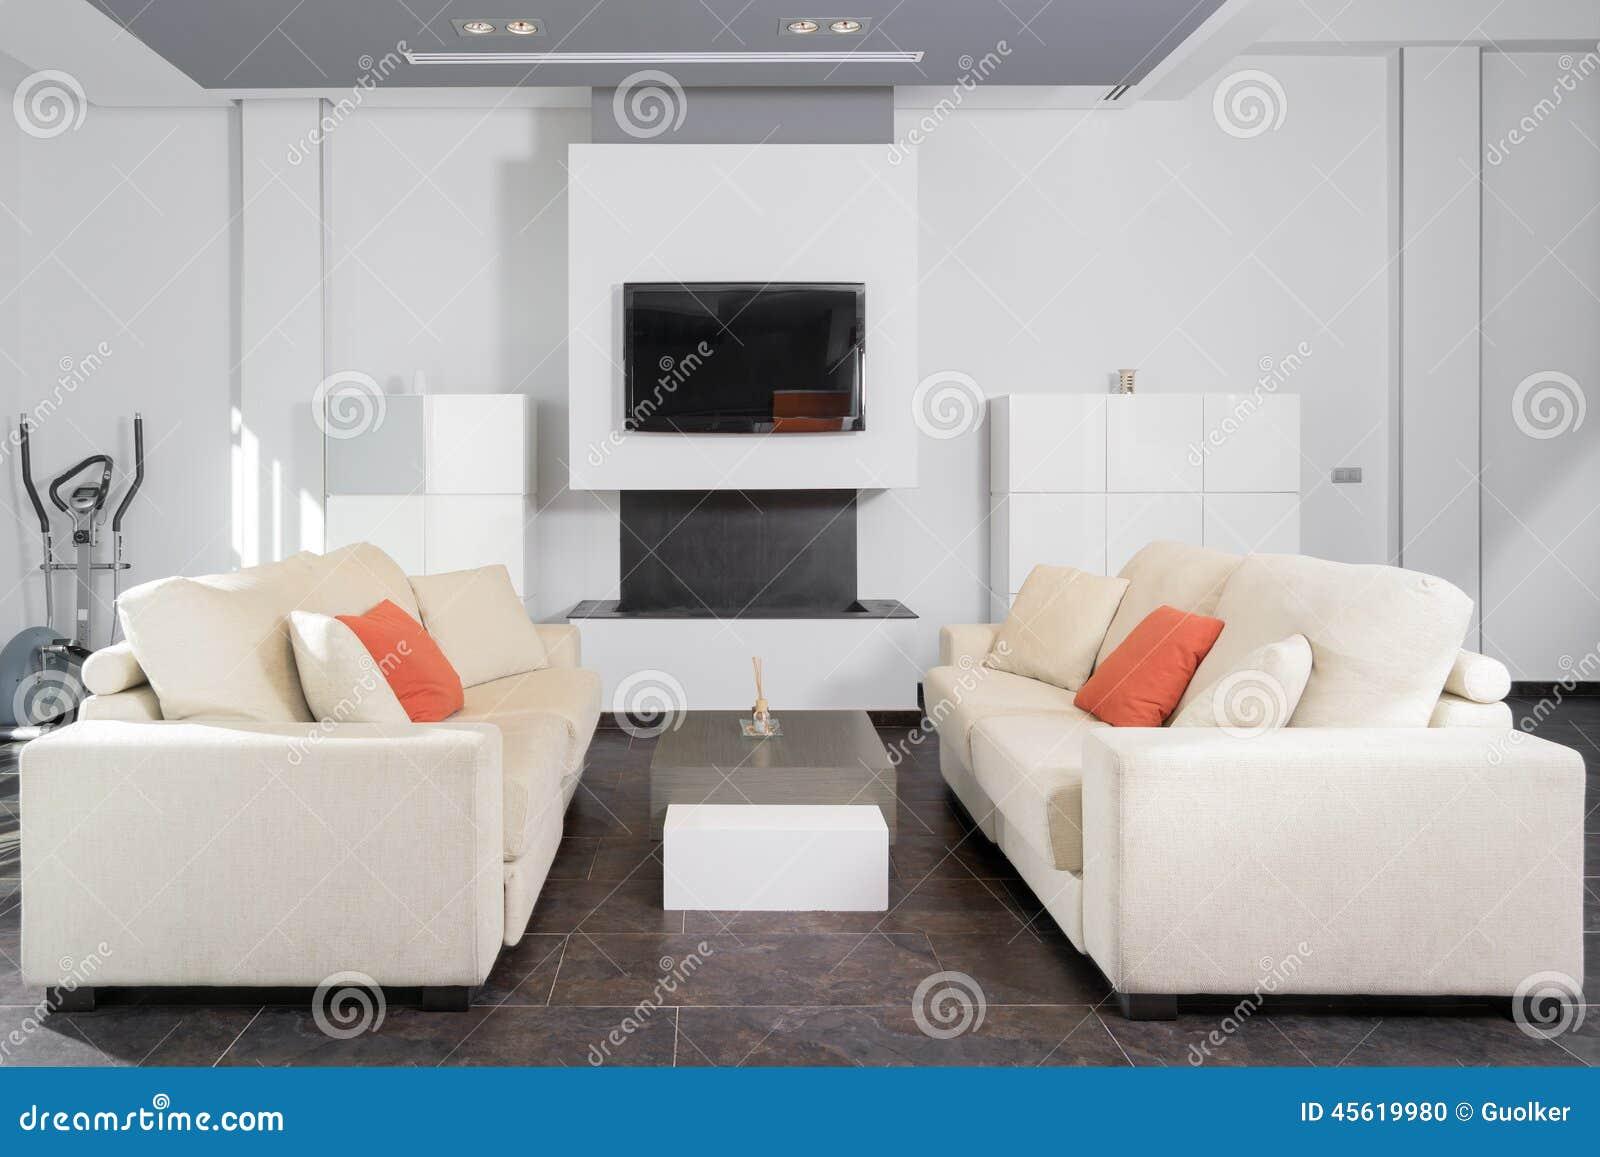 Modernes Wohnzimmer Im Weiß Stockfoto - Bild von vermindern, hoch ...